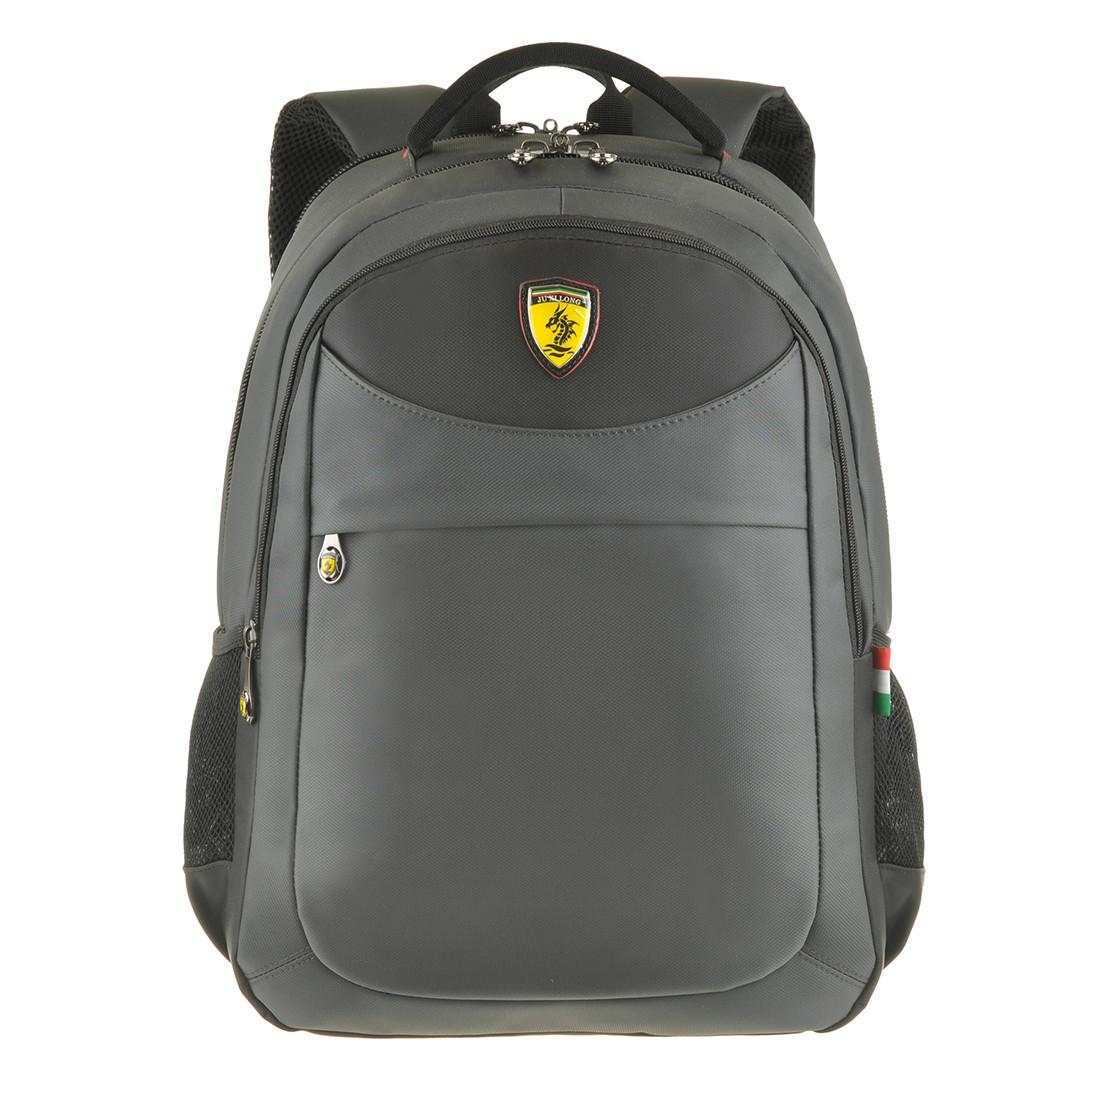 Рюкзак для ноутбука 32х48х17 Ju Xi Long 3 отделения ткань Нейлон на ПВХ основе   кс9621сер